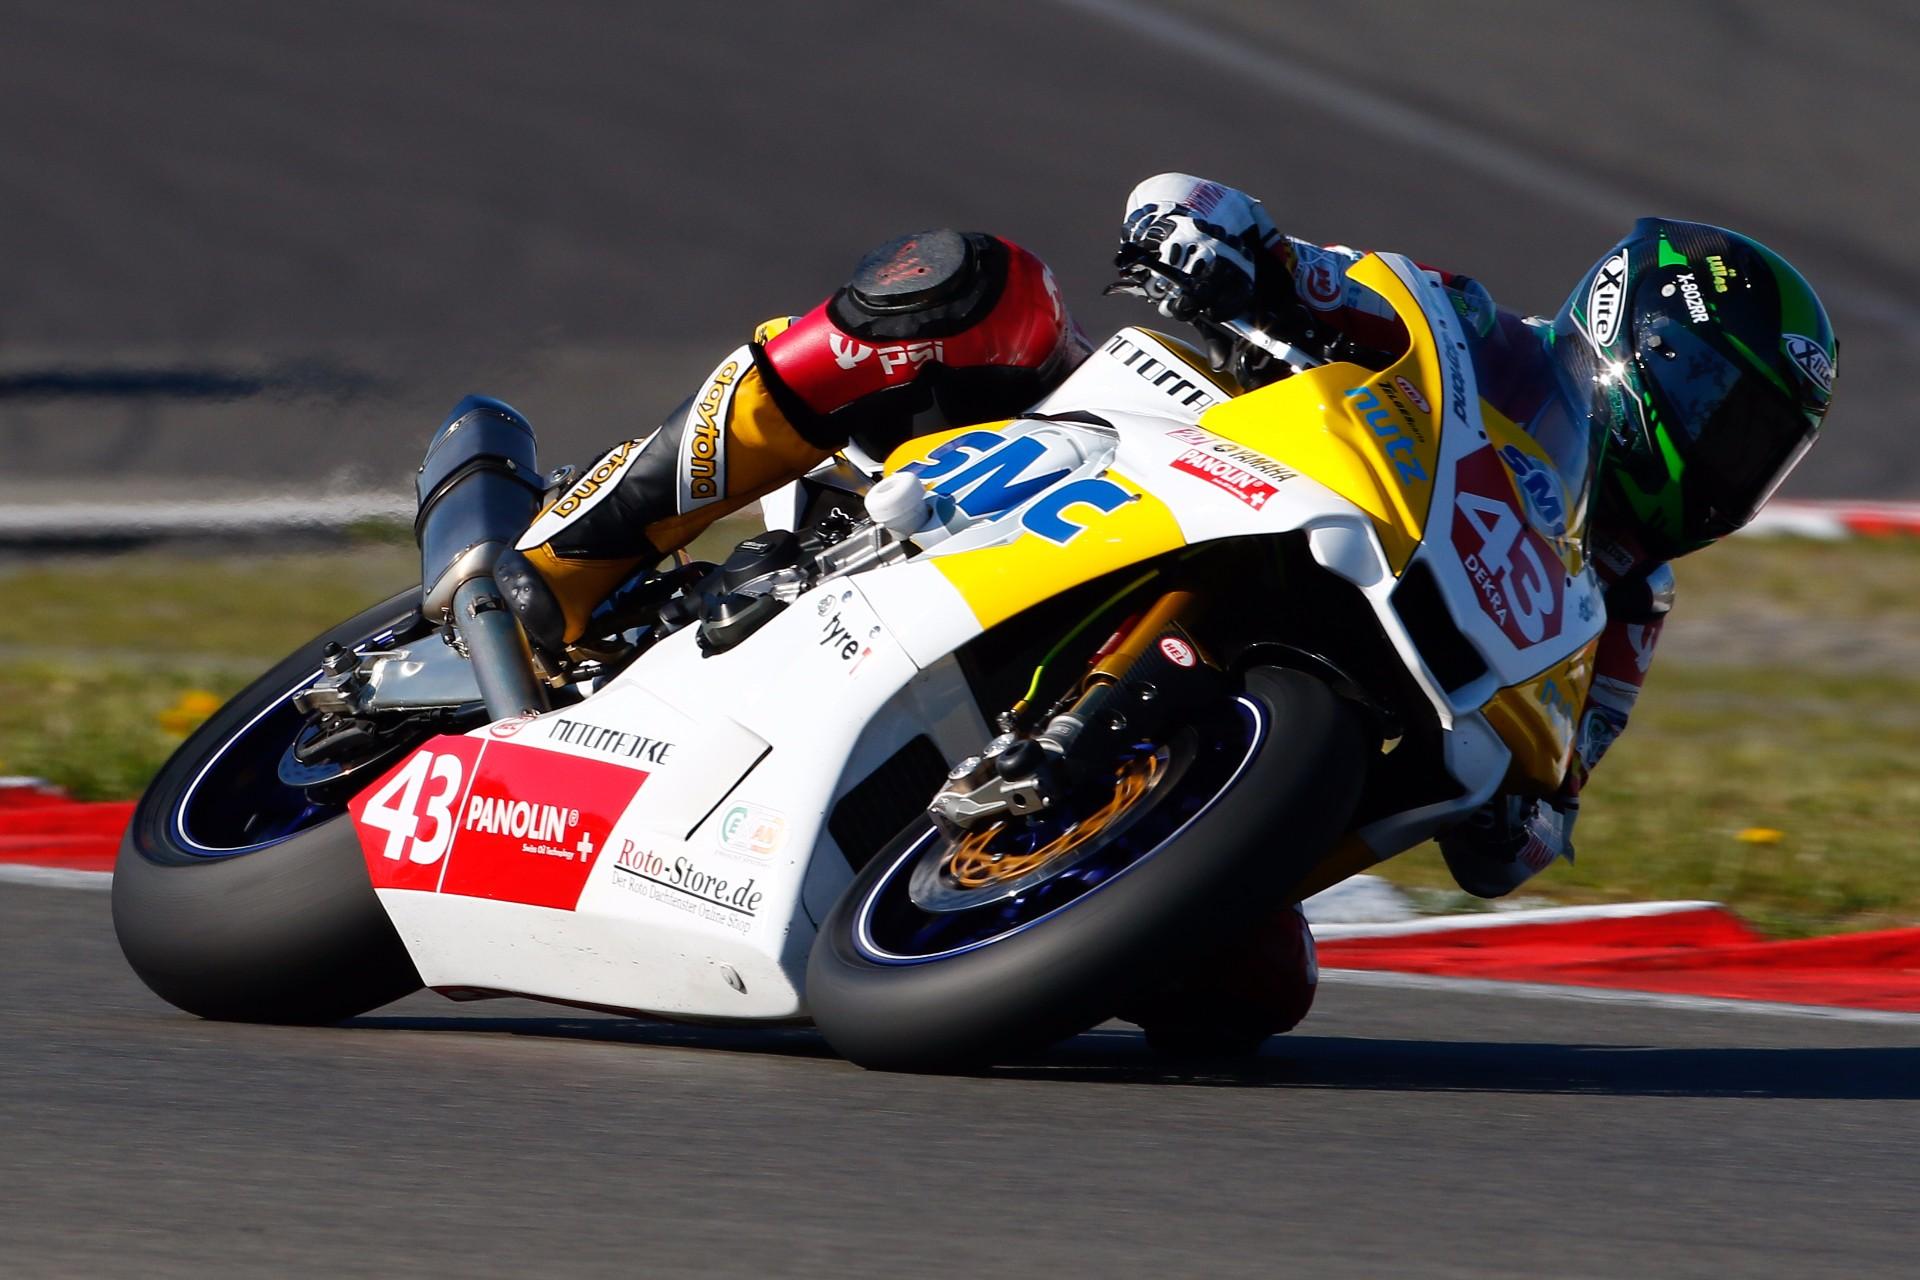 Panolin; Yamaha; Pirelli; www.roto-store.de; www.r-tec.de; Motorradtke; SMC